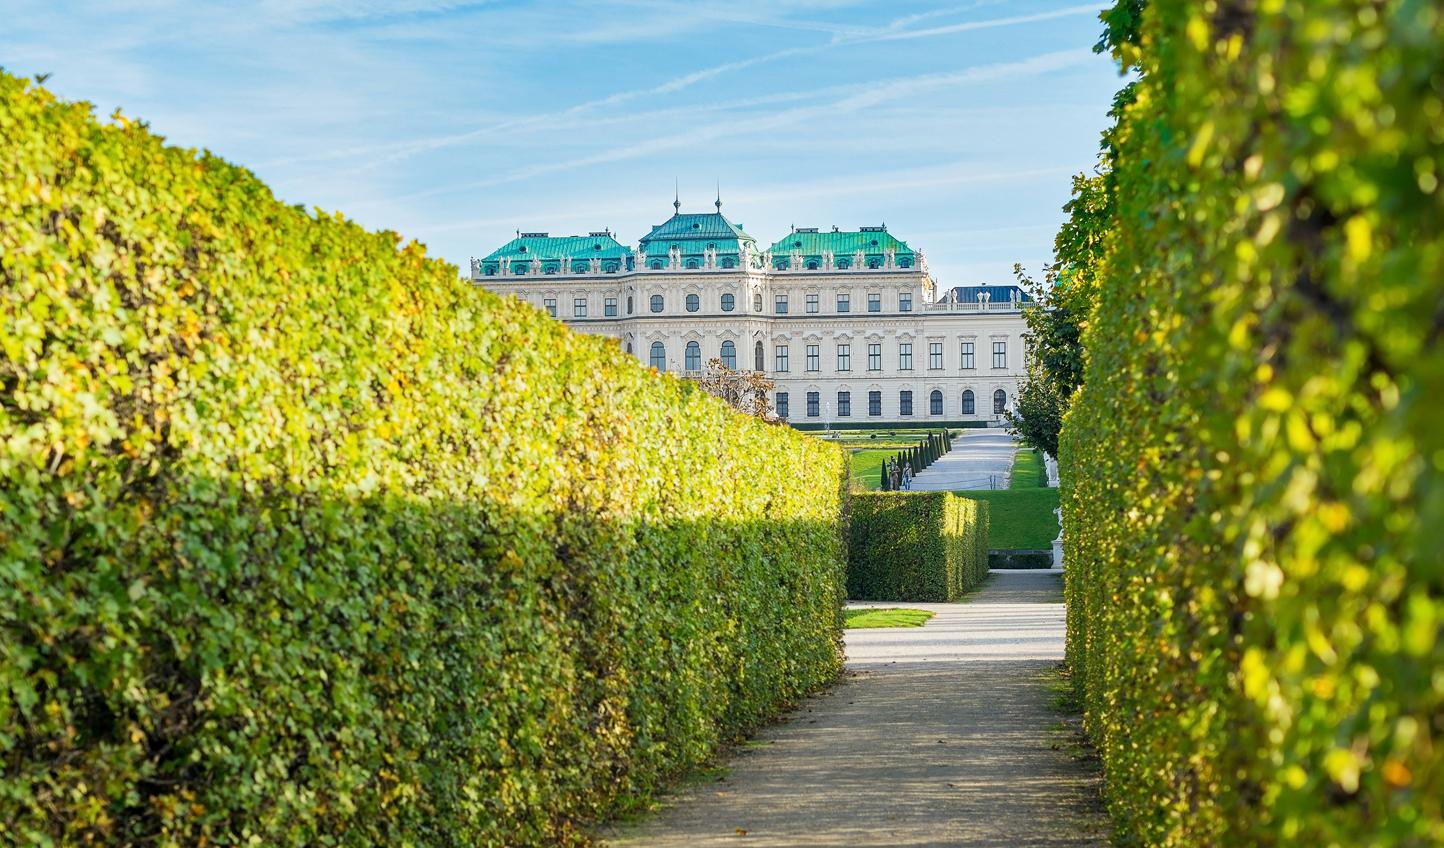 Wander through the manicured gardens of Schloss Belvedere